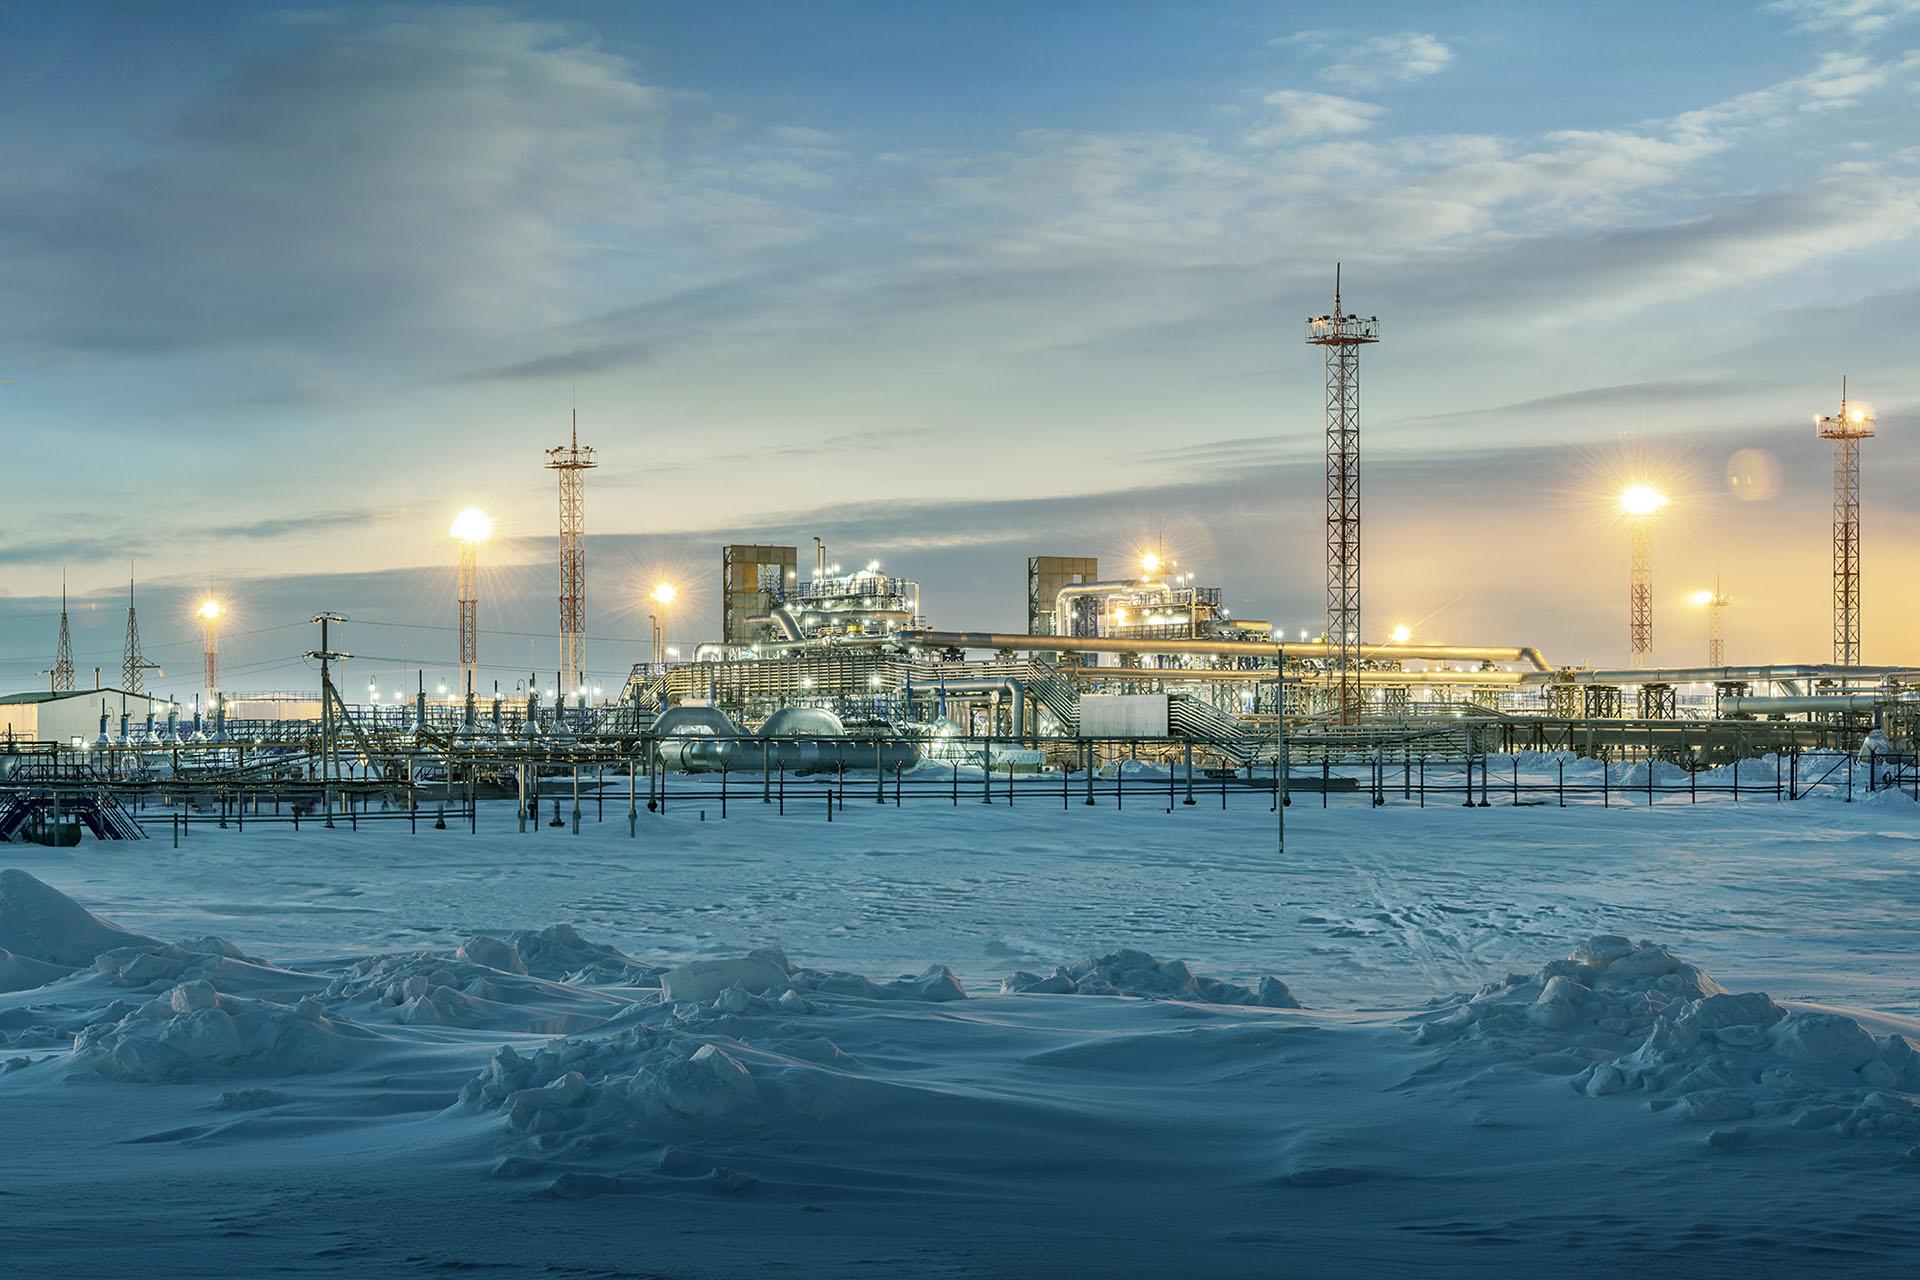 Чистая прибыль 'Газпром нефти' достигла 117,7 млрд рублей в 2020 году